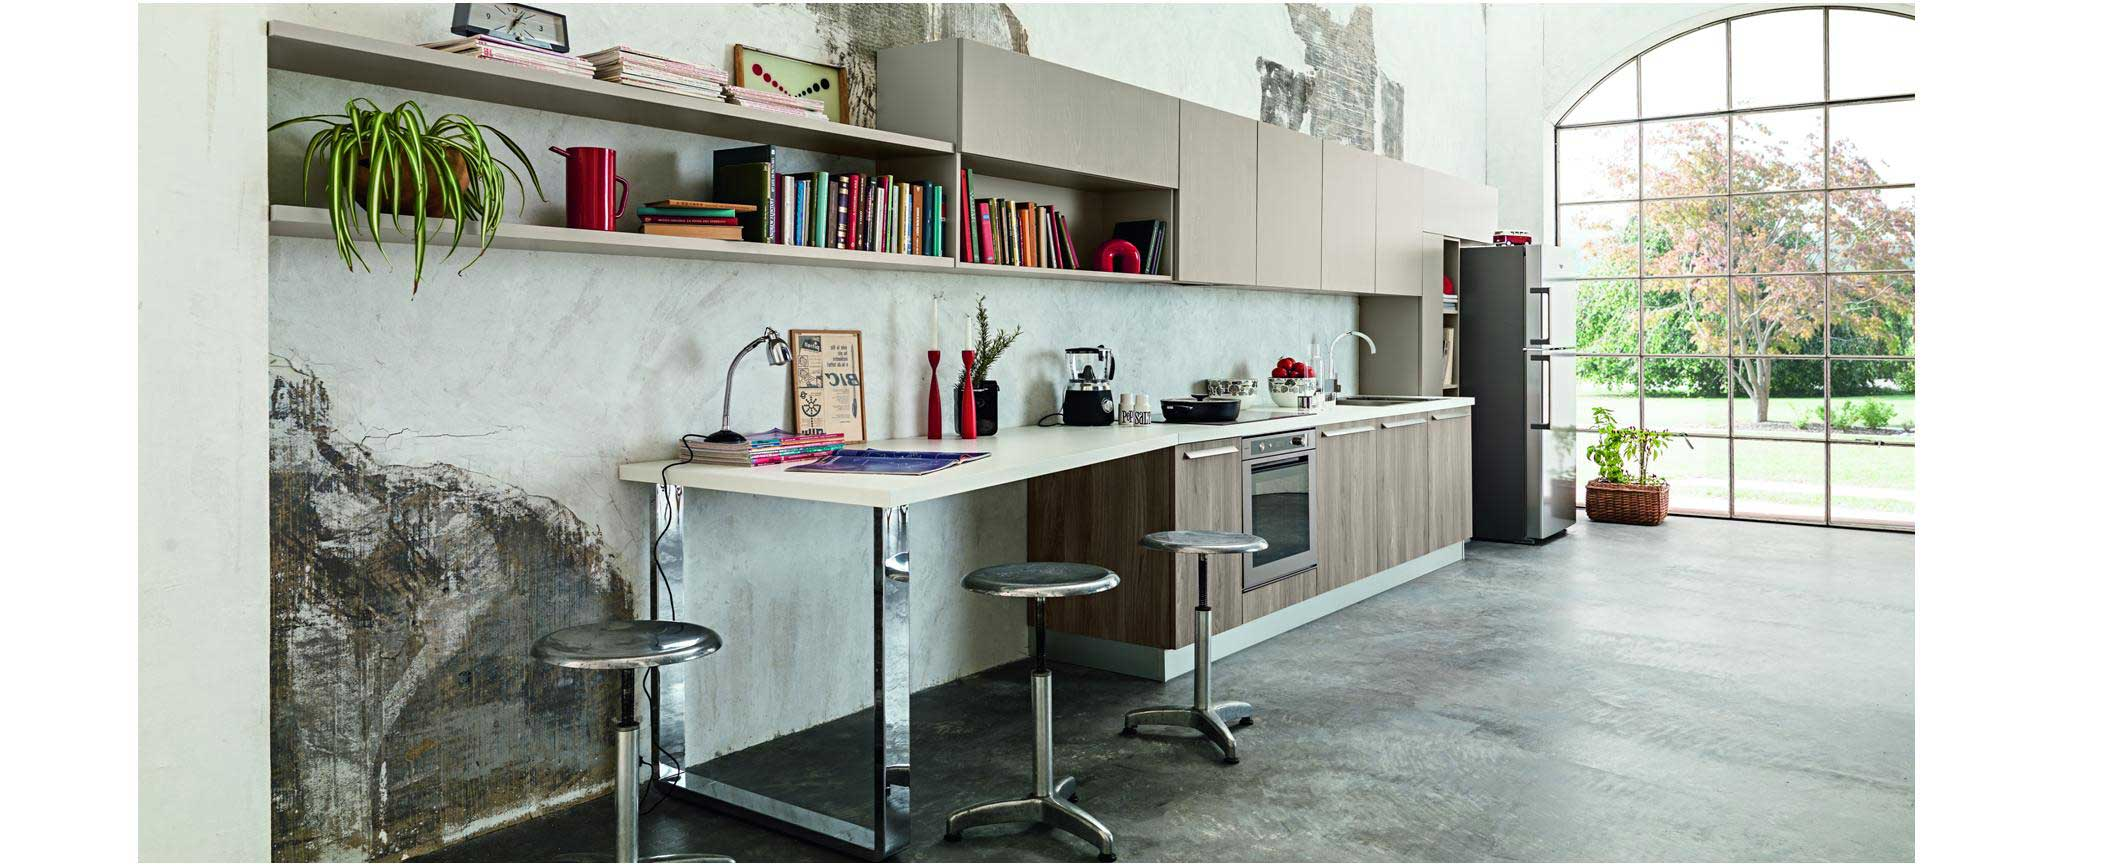 Lignes simples et épurées, style atelier, la cuisine où il fait bon cuisiner, manger et se détendre. Façades effet bois.